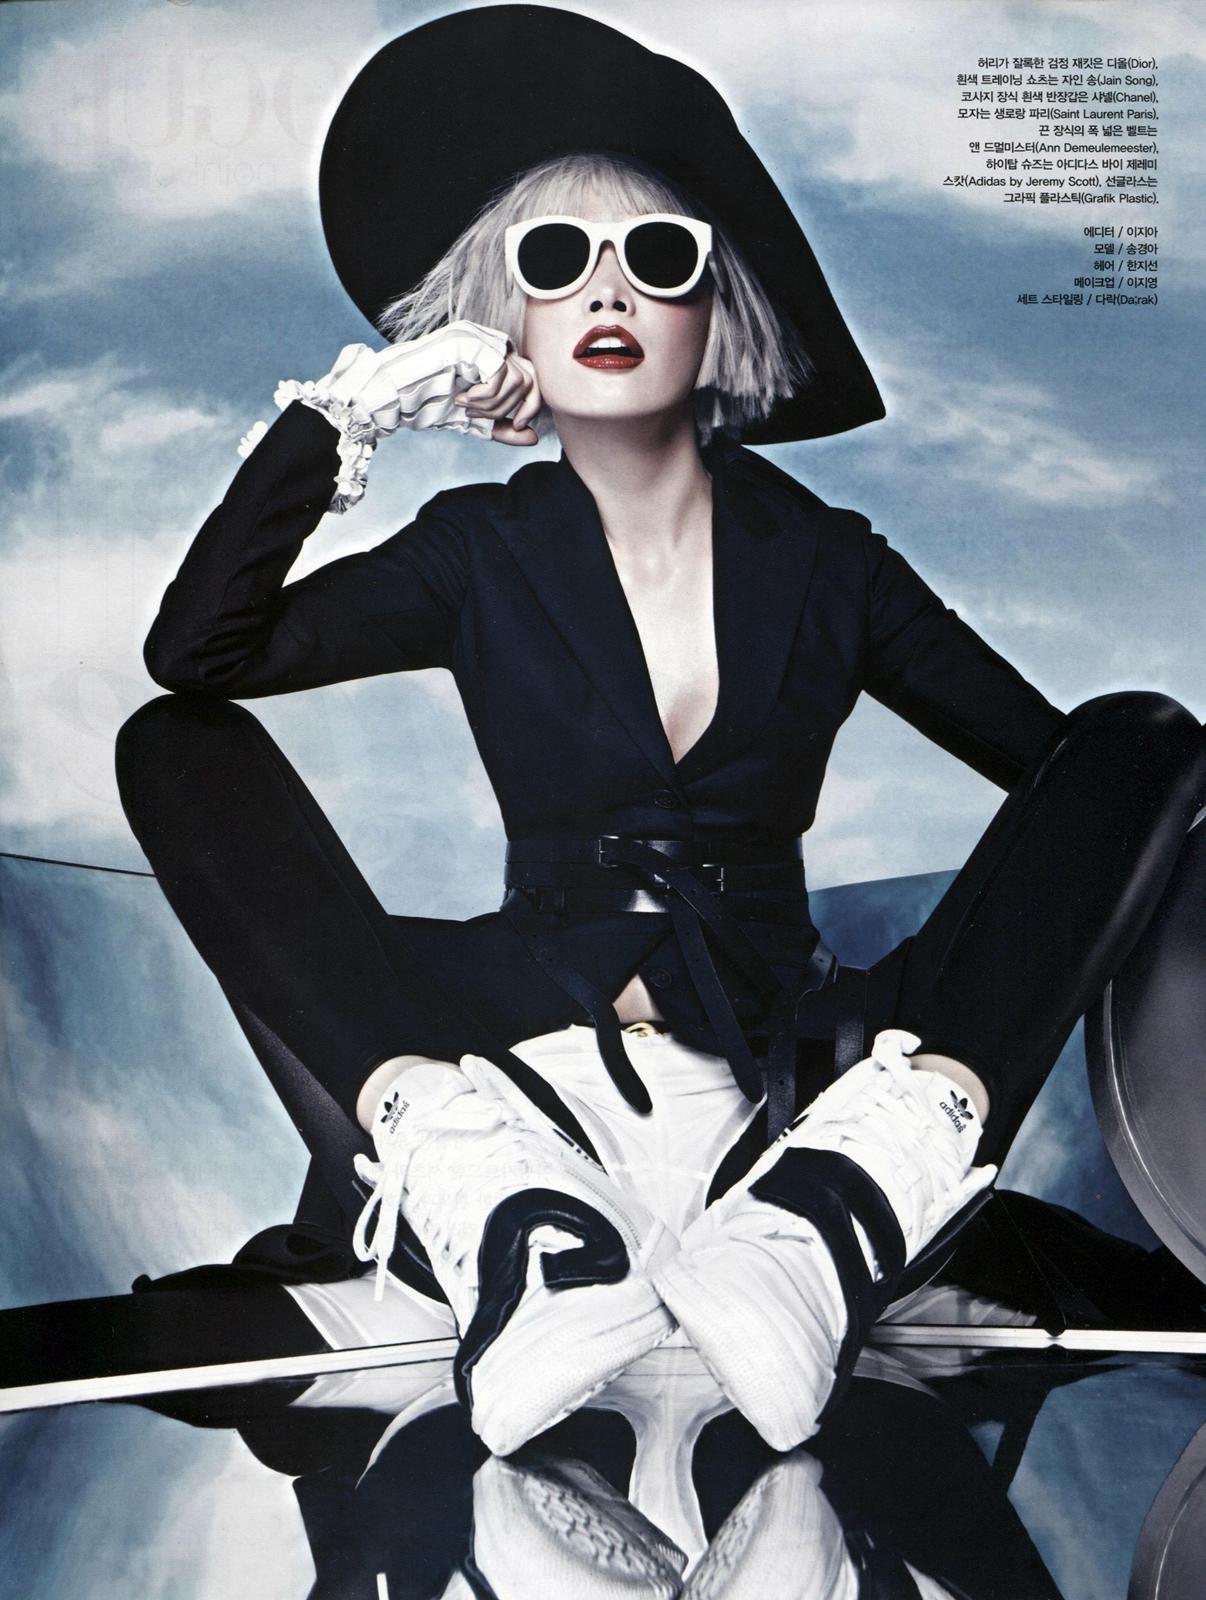 Kyung Ah Song by Jang Hyun Hong - Skyfall | fashionopher!!